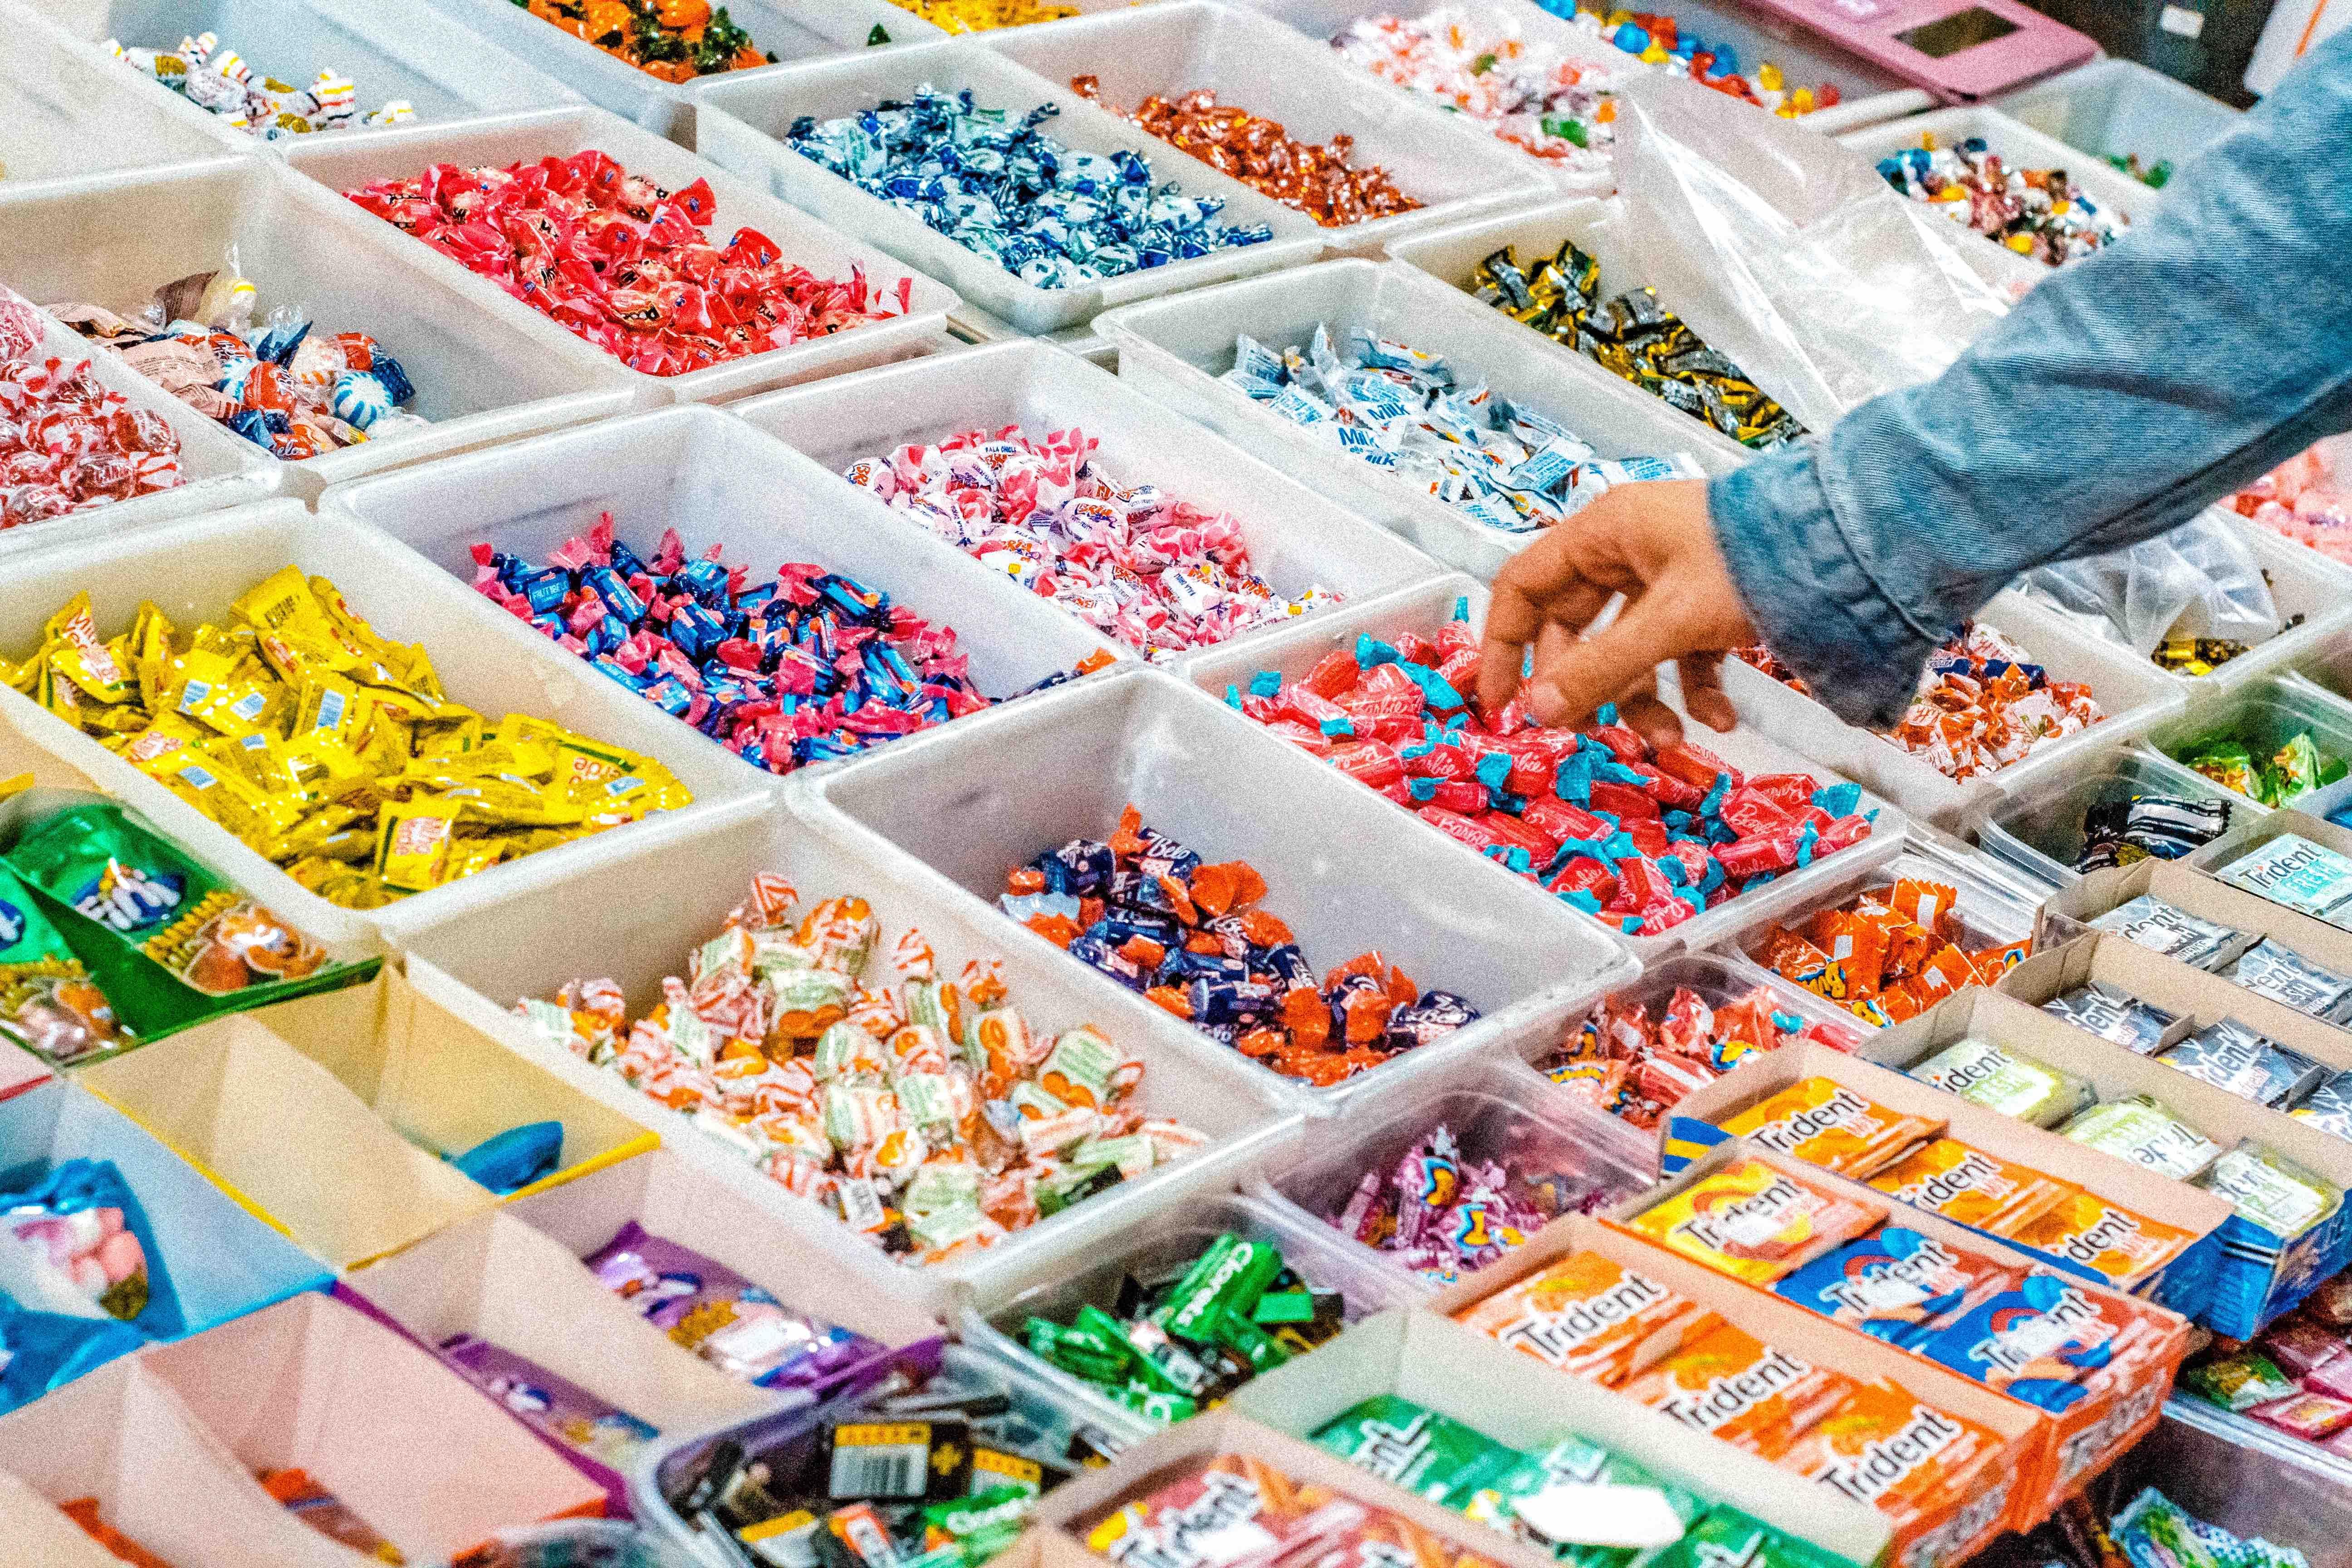 slik, candy, slikbutik